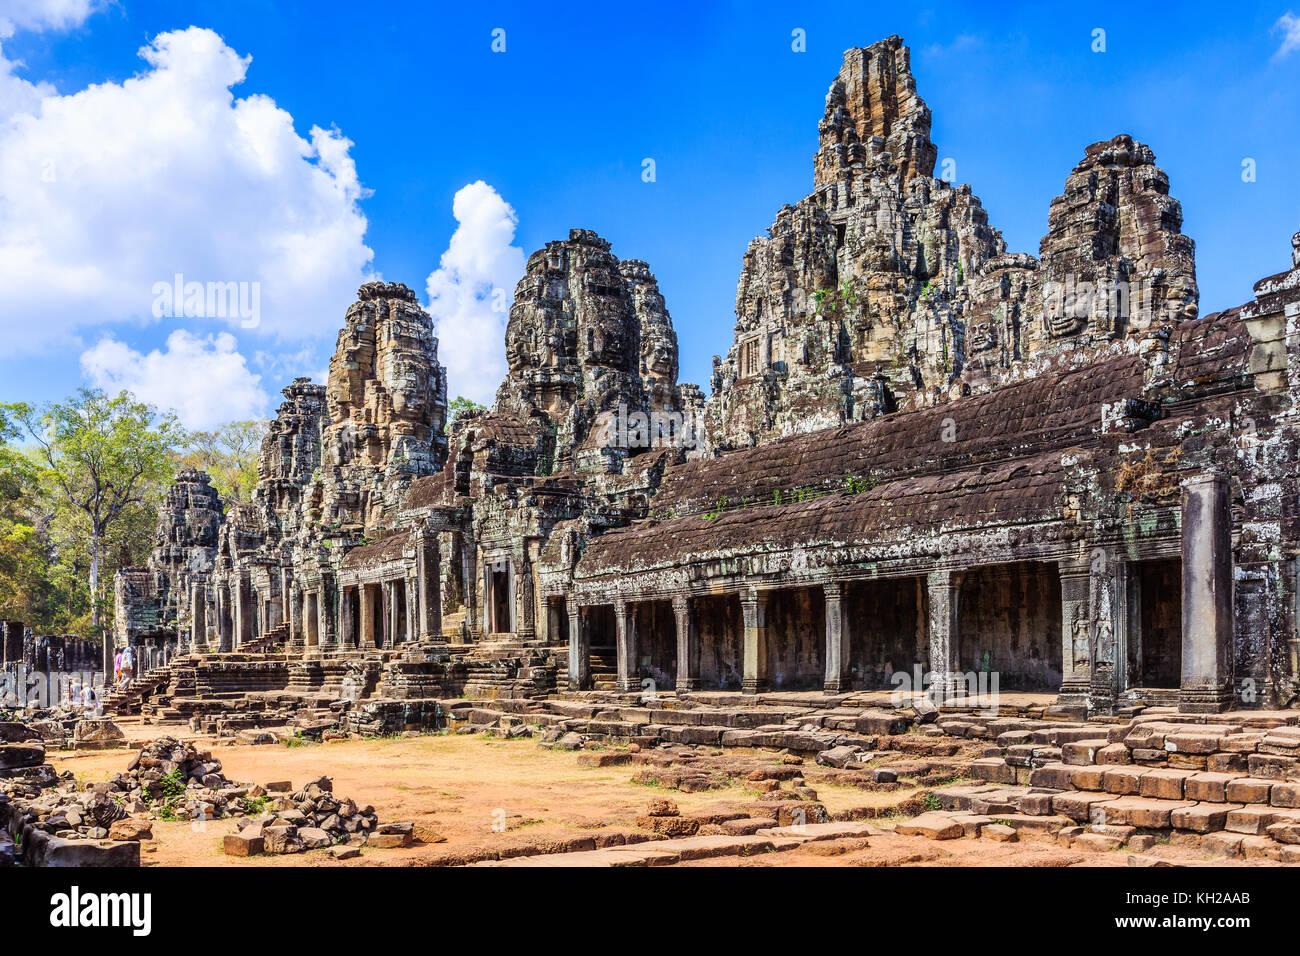 Angkor, Cambogia. Il condotto interno del tempio Bayon. Immagini Stock